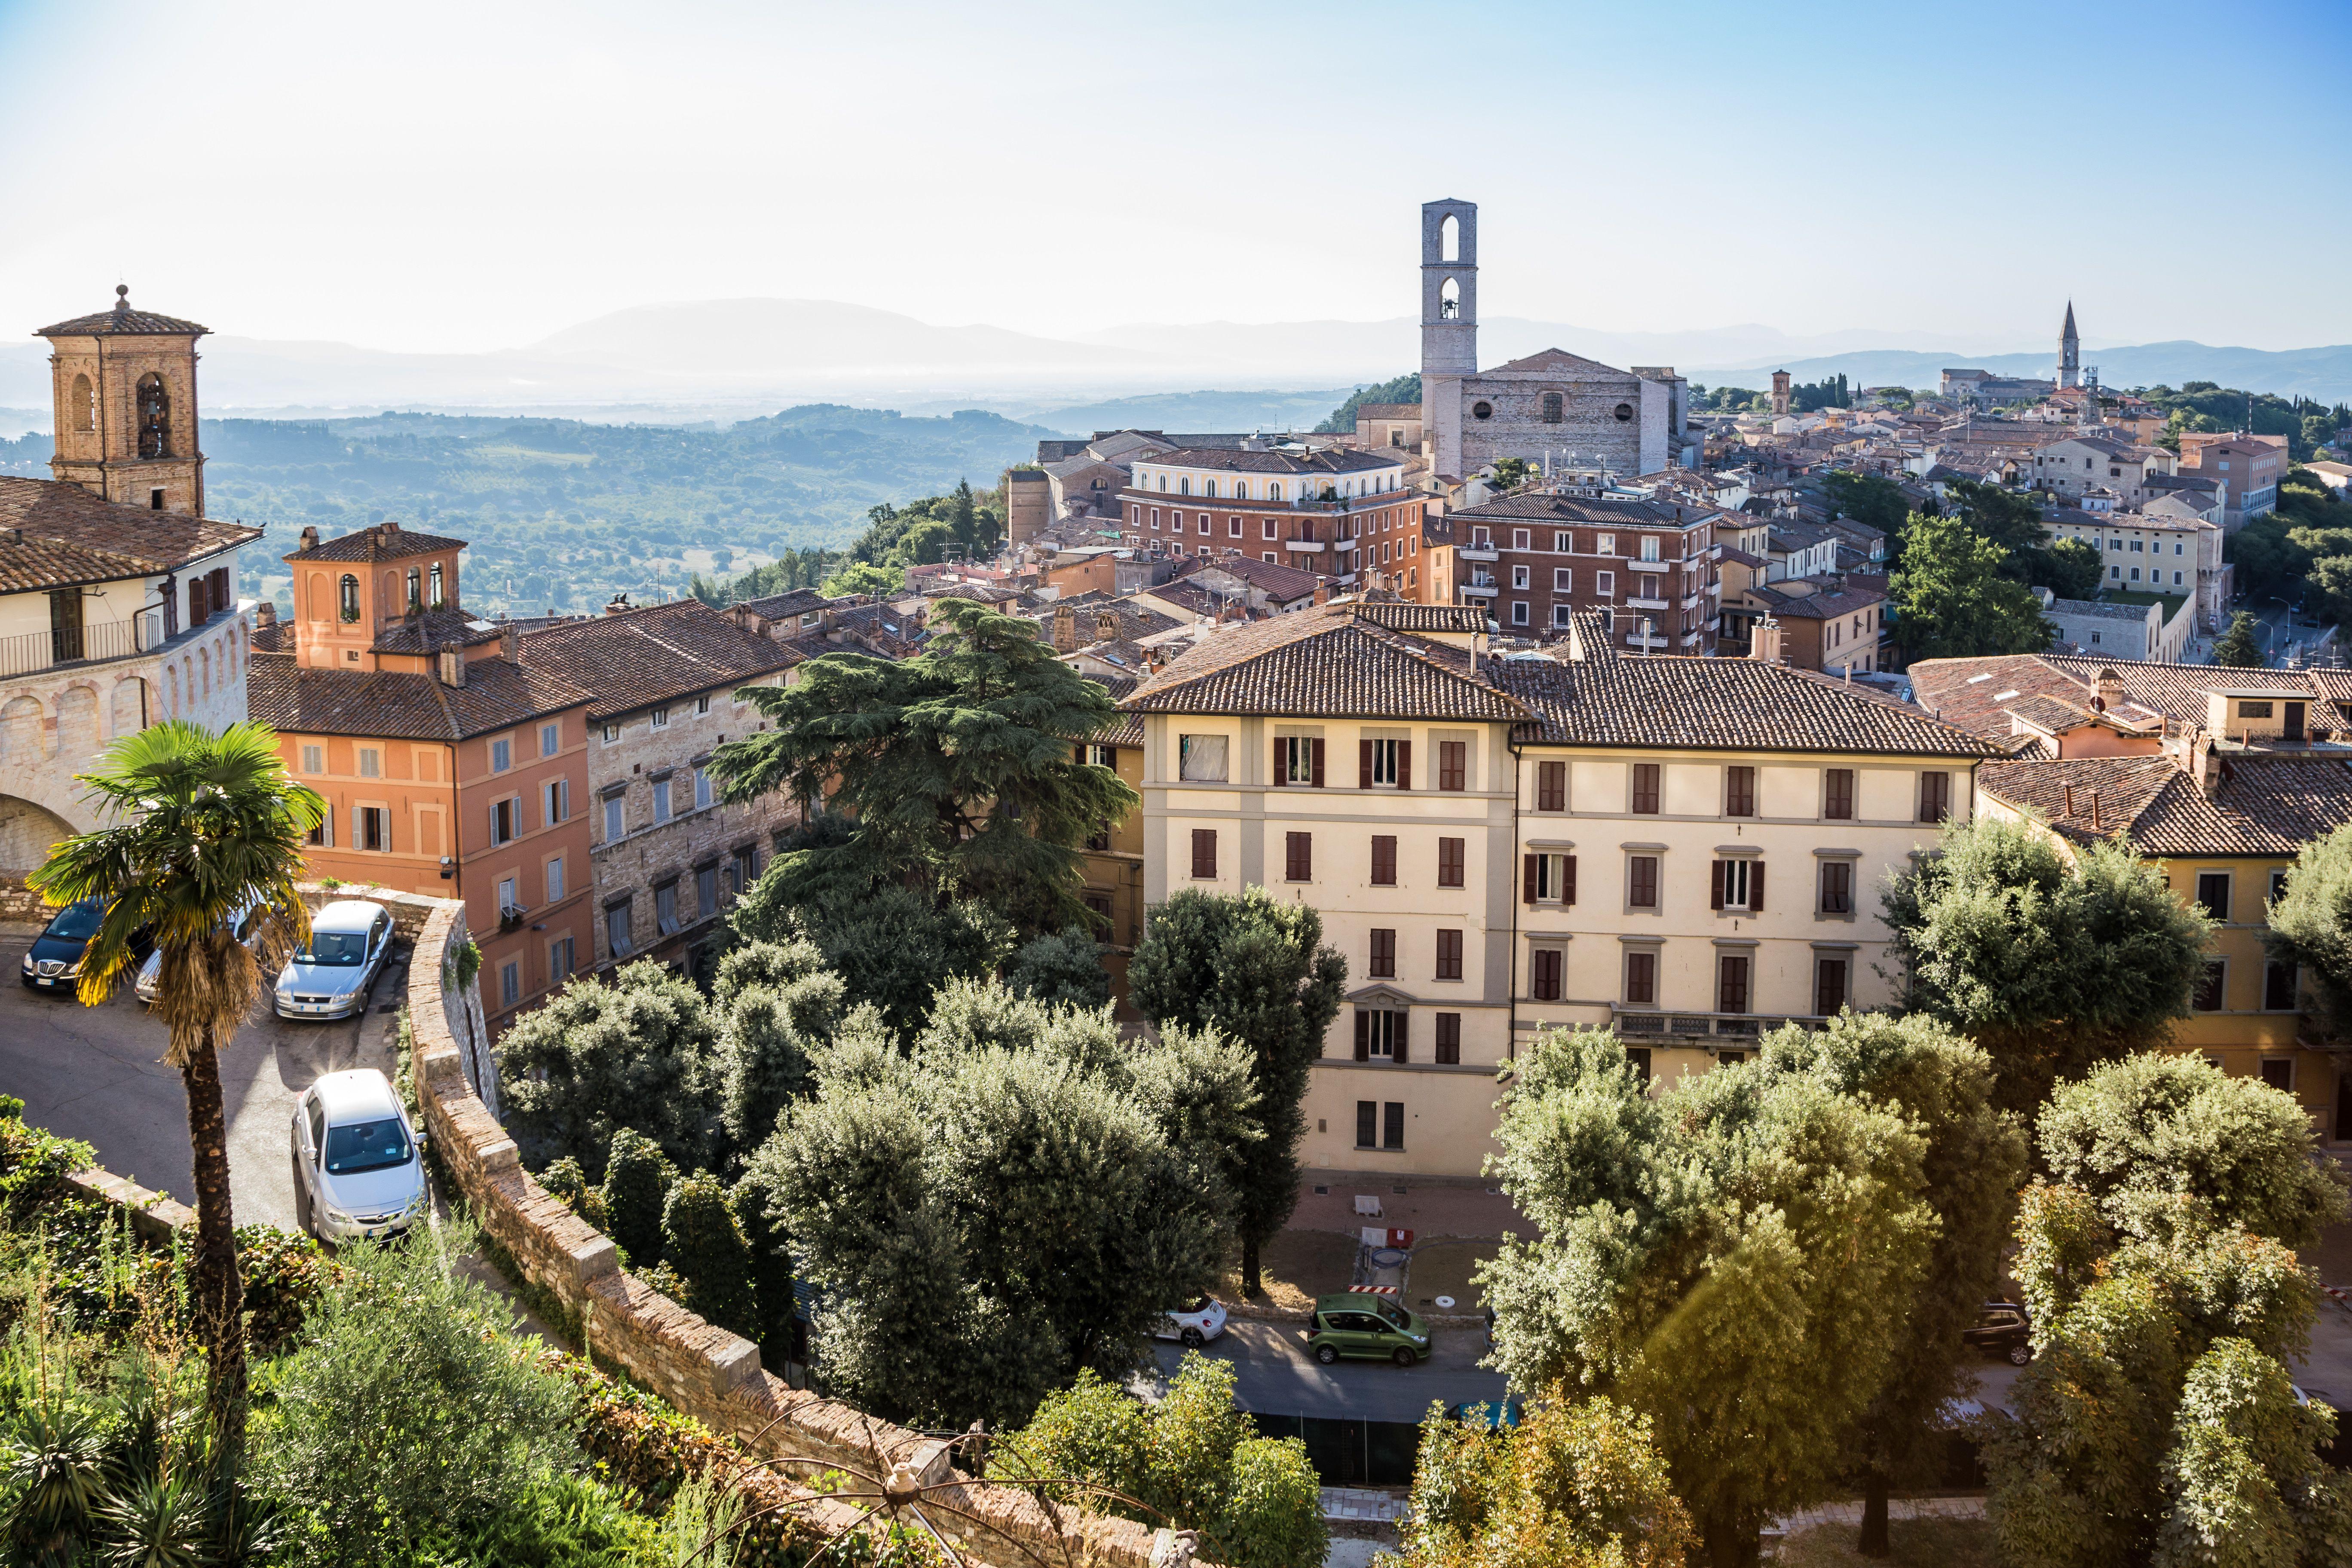 Study Abroad 2016: Perugia, Italy - YouTube